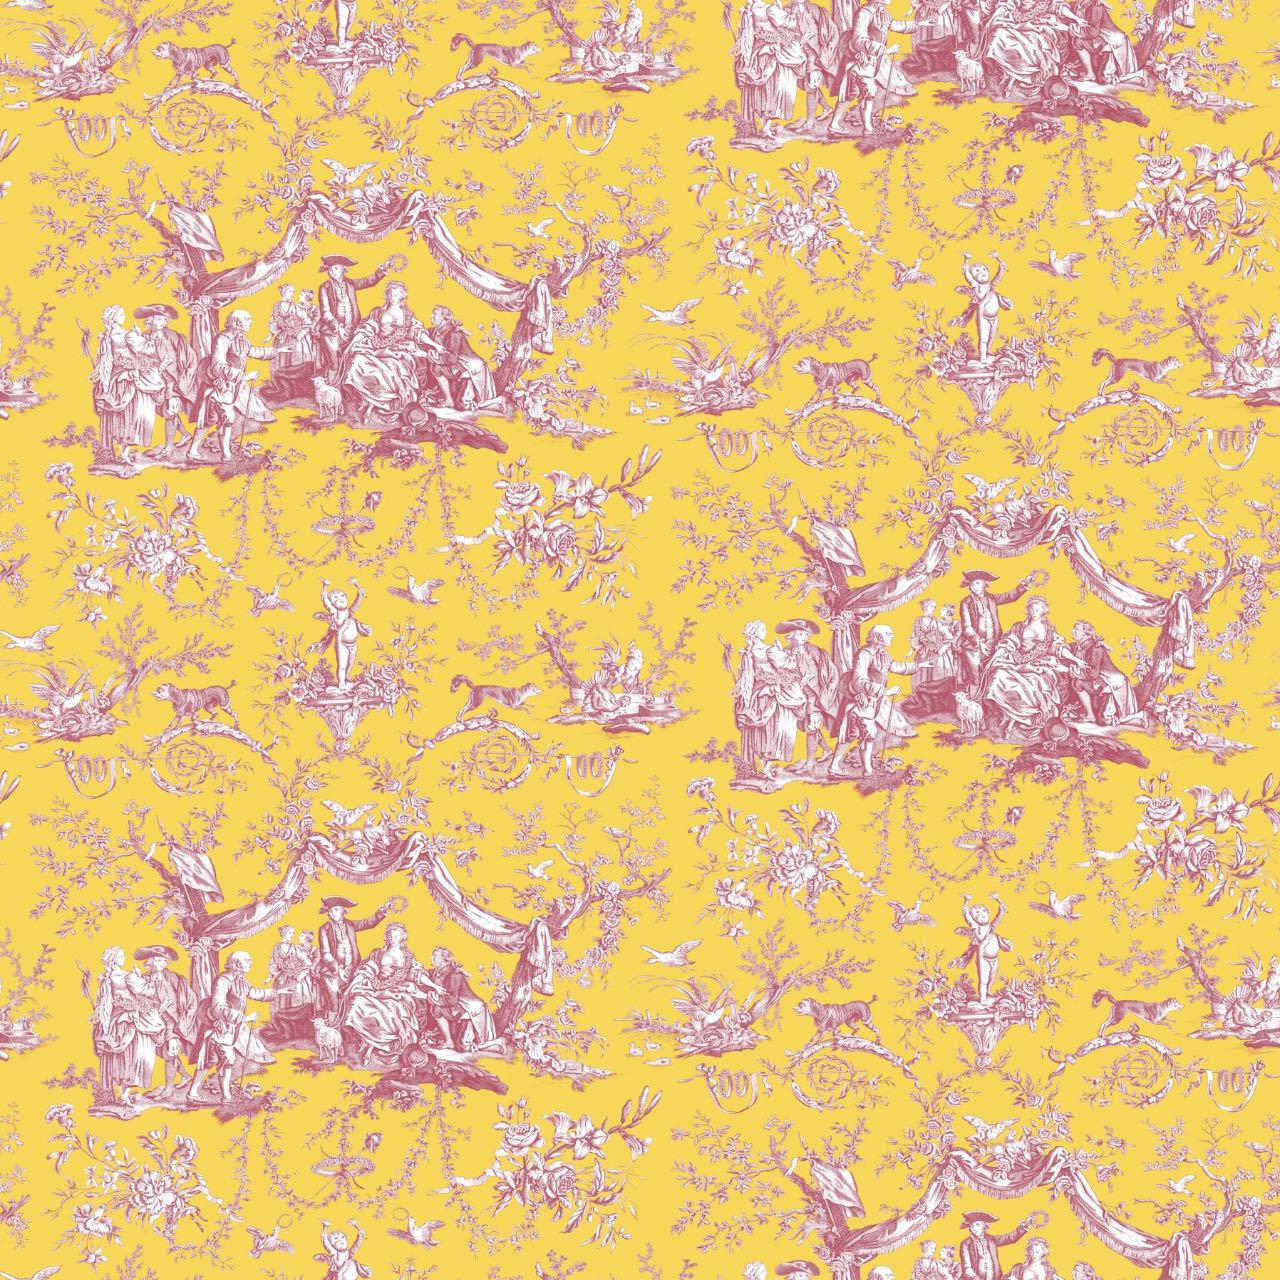 フランス壁紙 フリース(不織布) トワル・ド・ジュイ デザイン 《バラ冠を受ける少女》 イエロー & ピンク